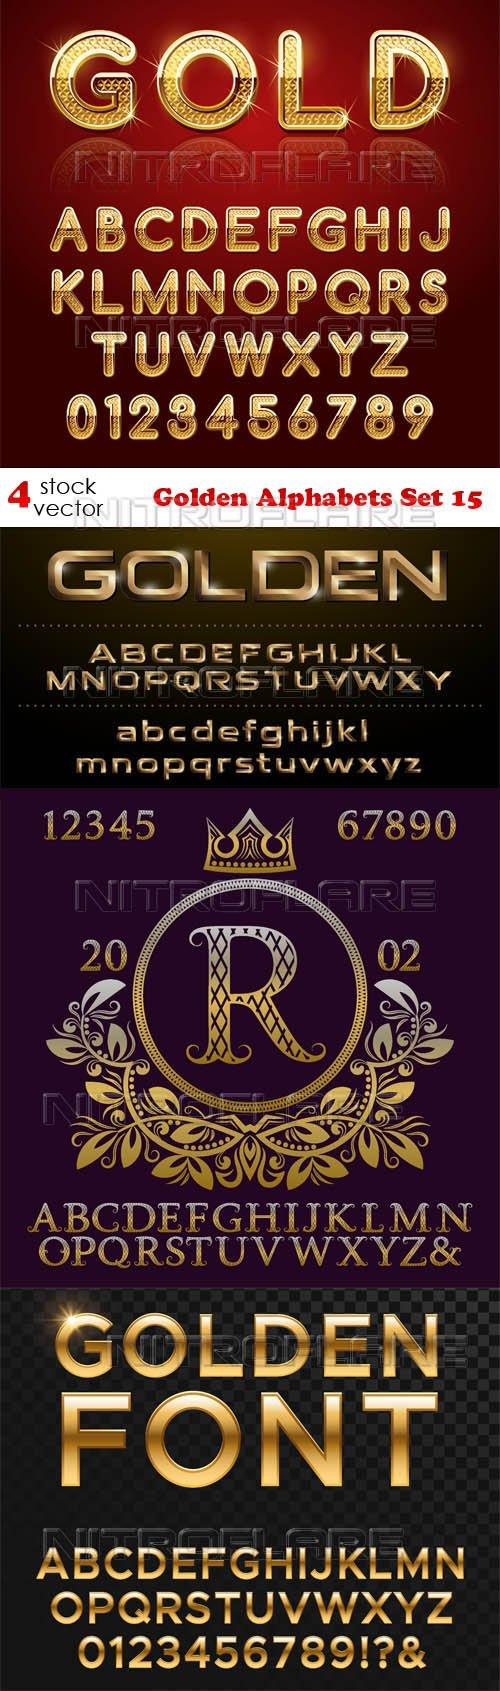 Vectors - Golden Alphabets Set 15